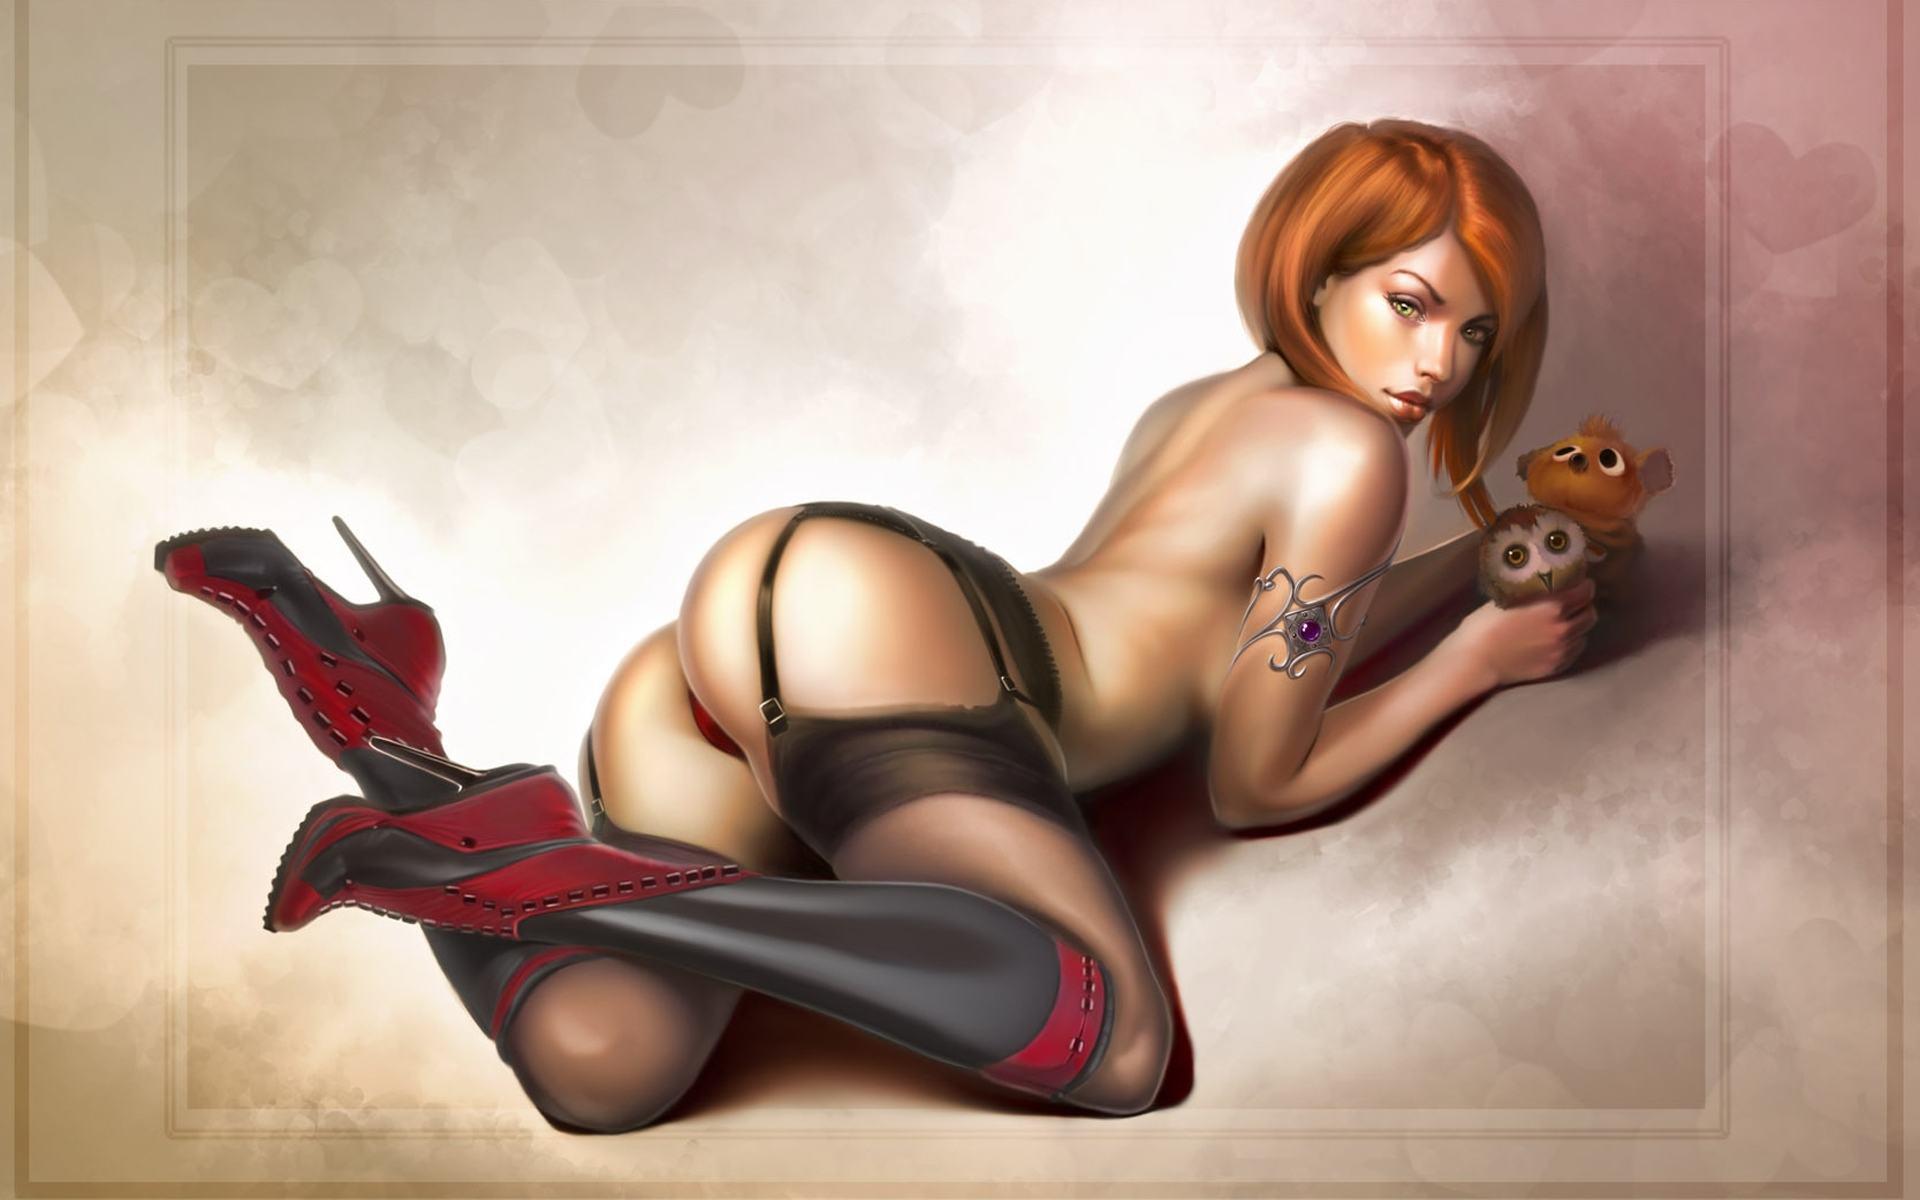 Рисованные голые девушки из игр 13 фотография